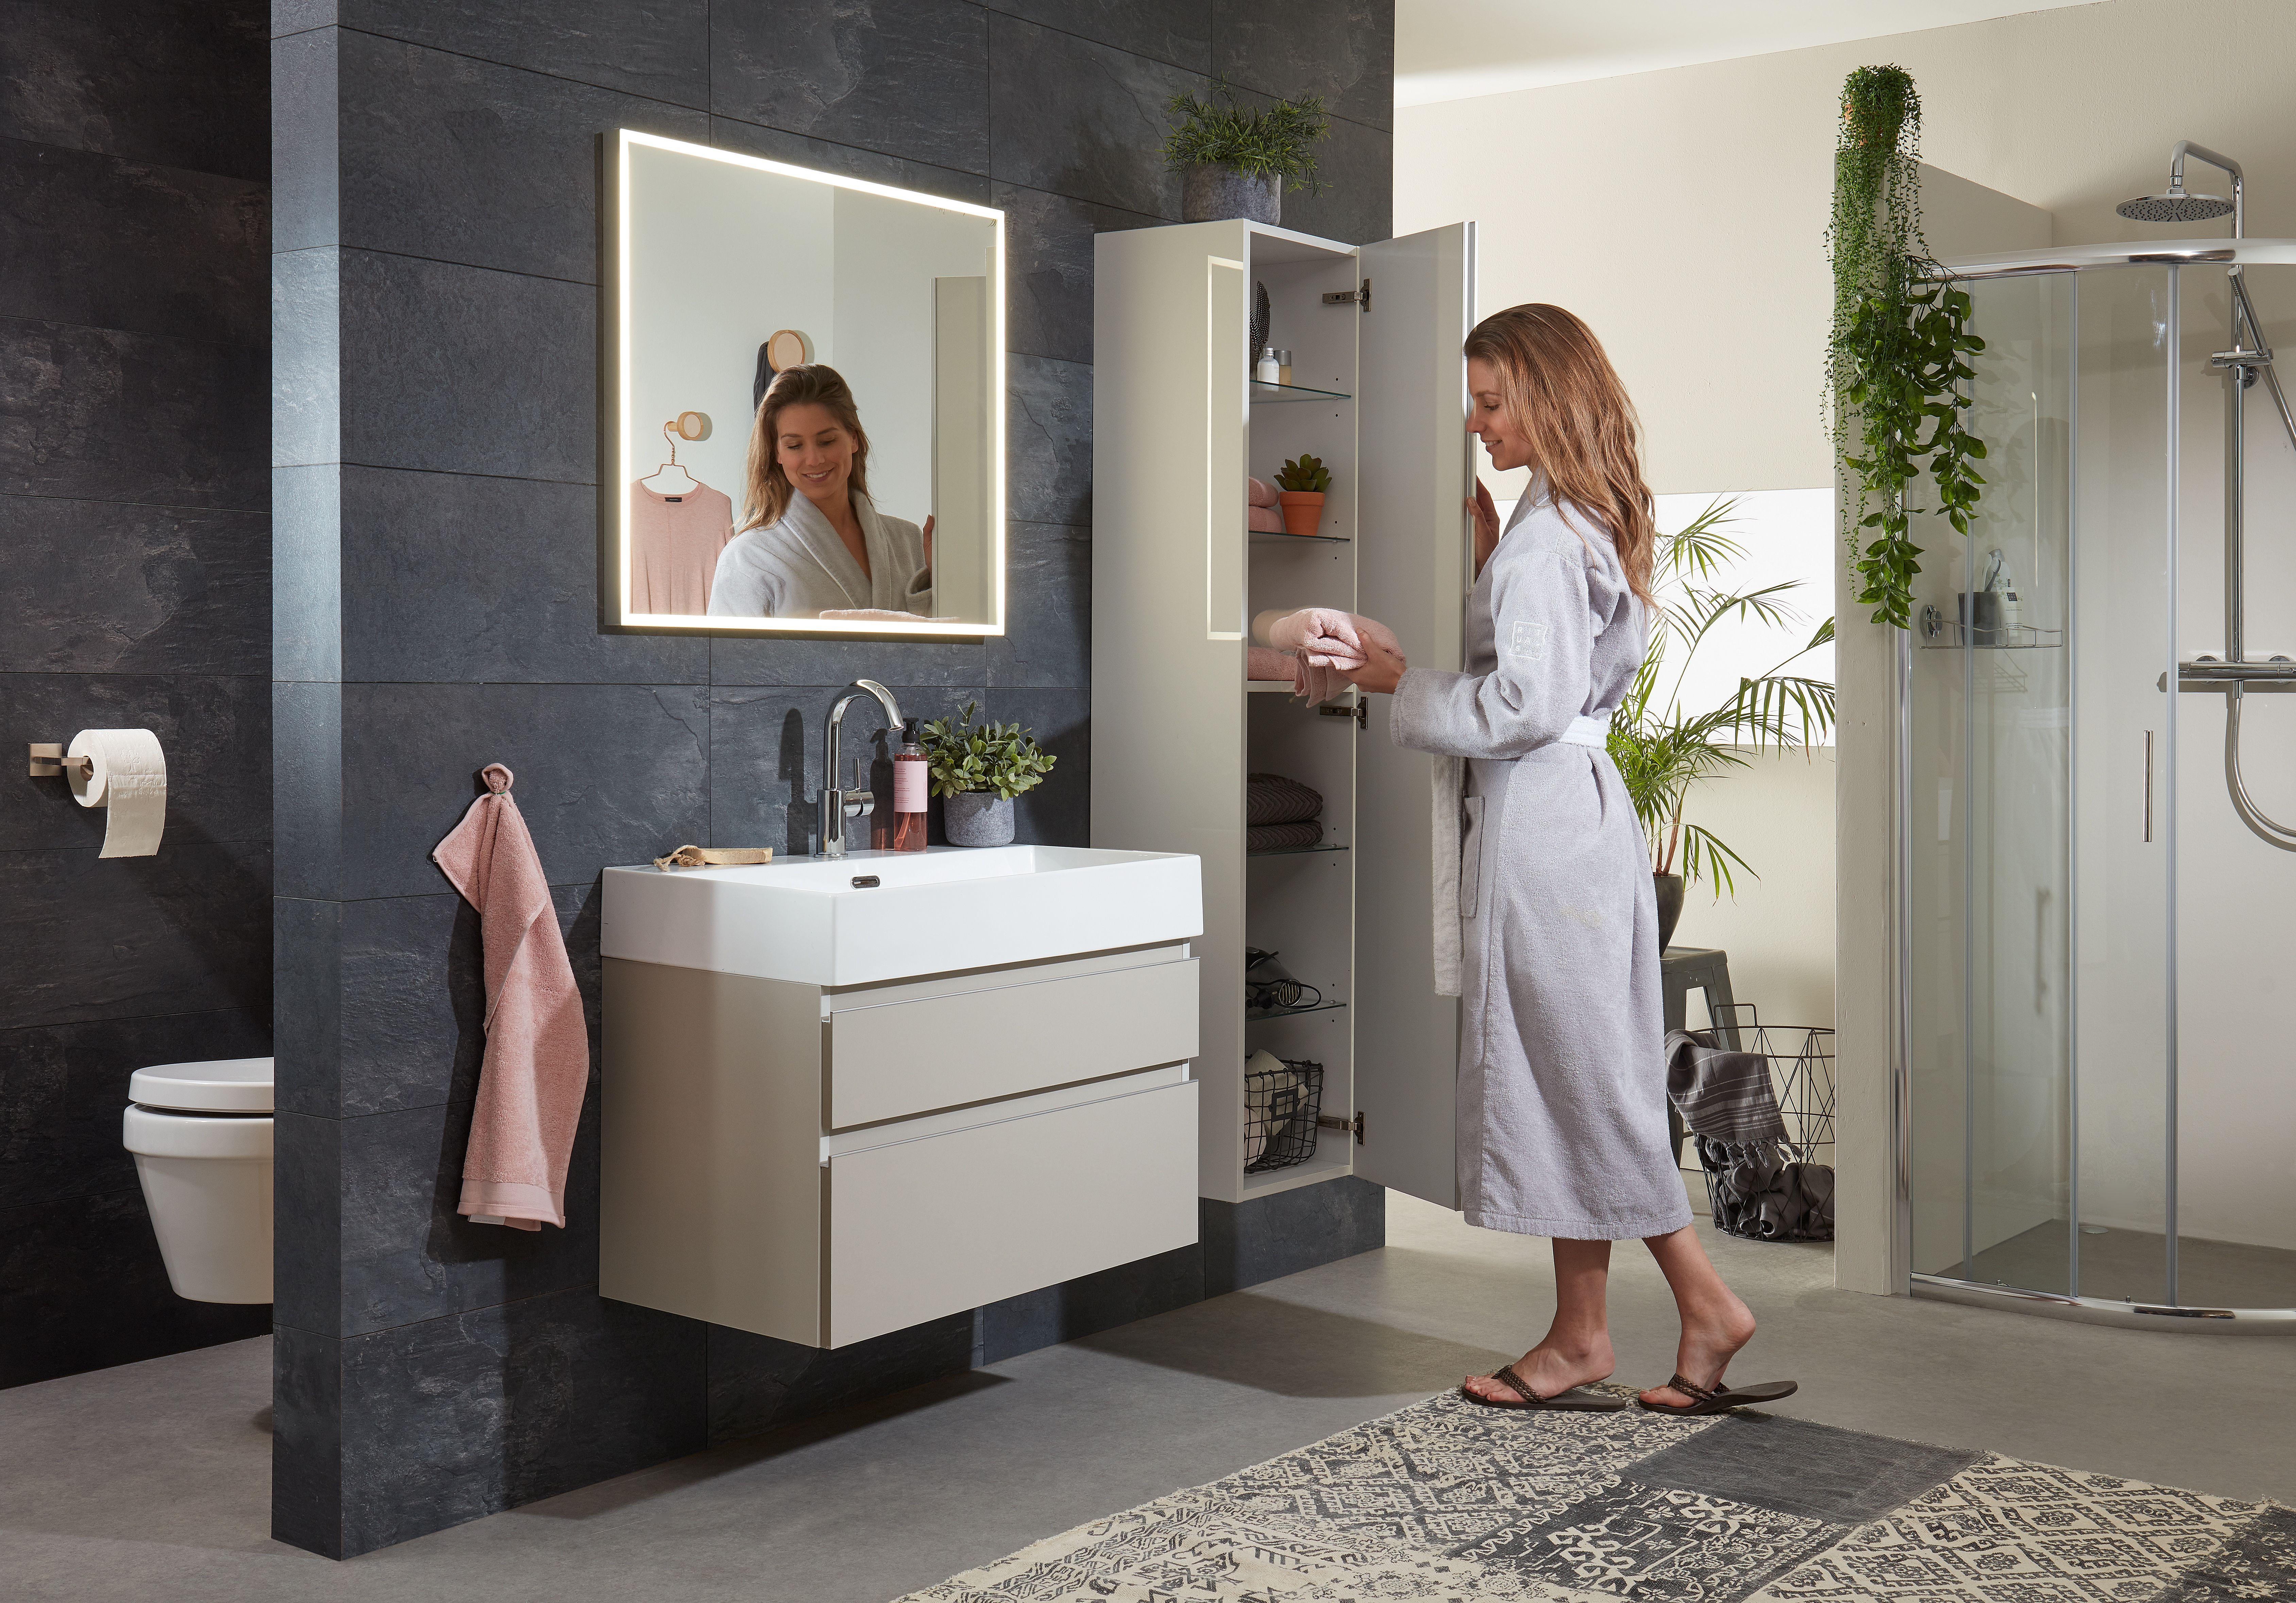 Breedte Toilet Badkamer : Een kolomkast voor de badkamer deuren met softclose sluiting